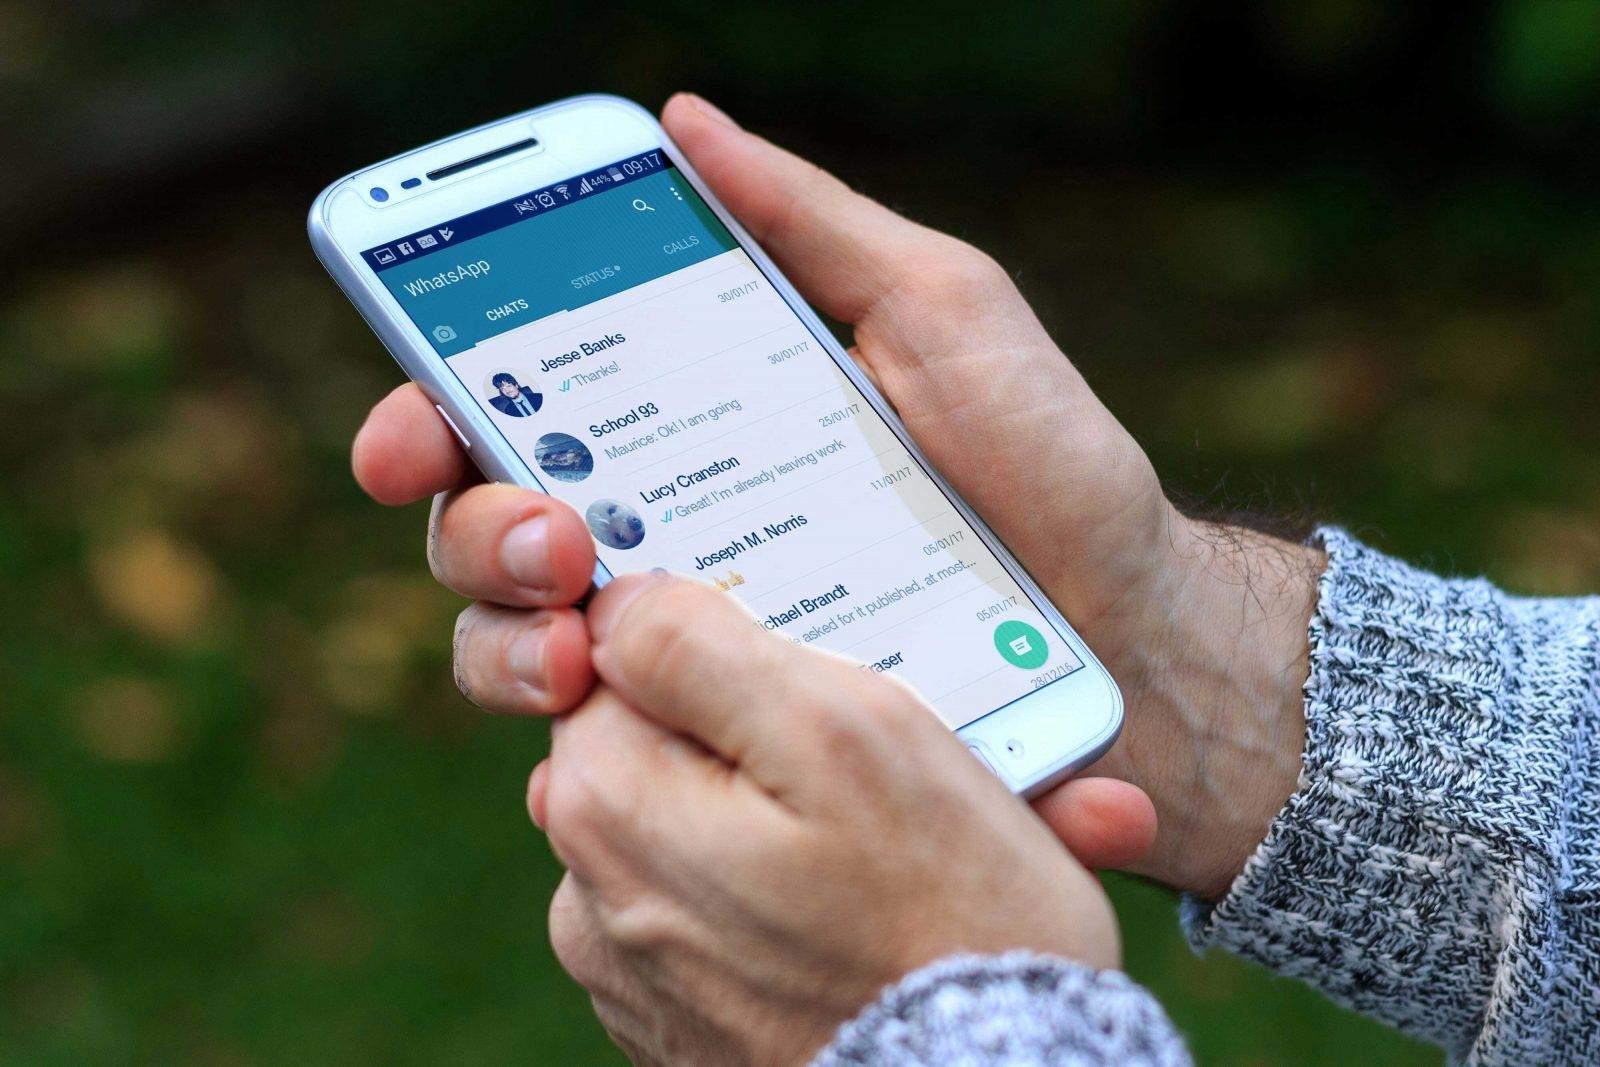 Могут ли мошенники за секунды скопировать ваши данные с телефона?